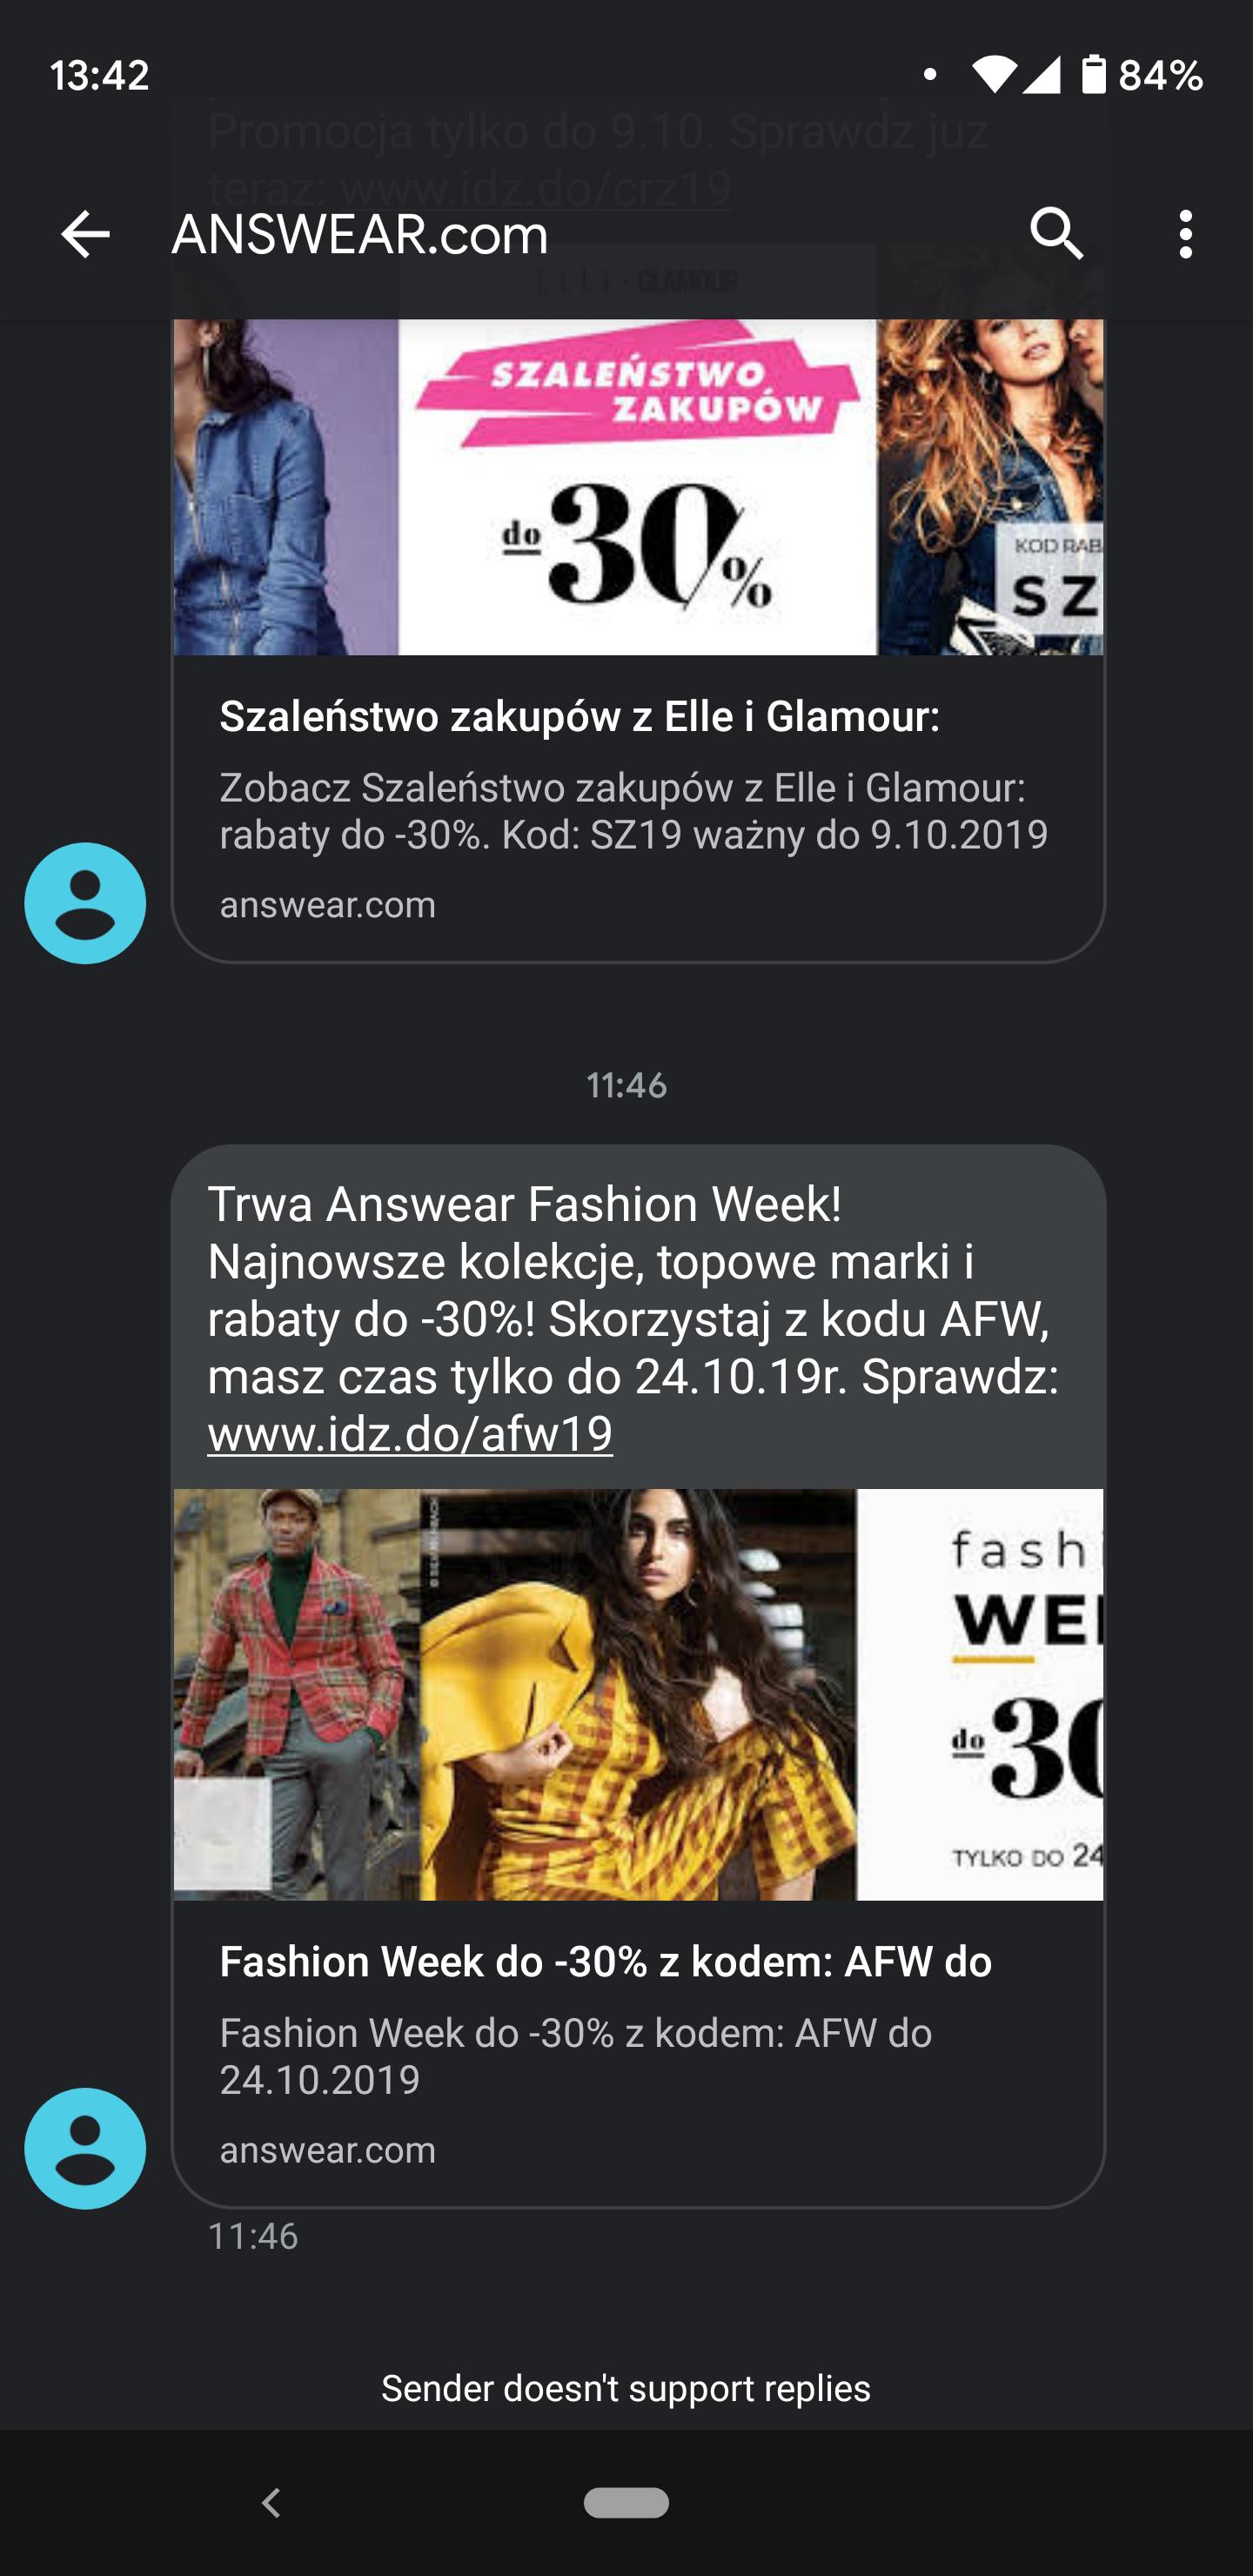 Answear SMS Podgląd Link Idz.do